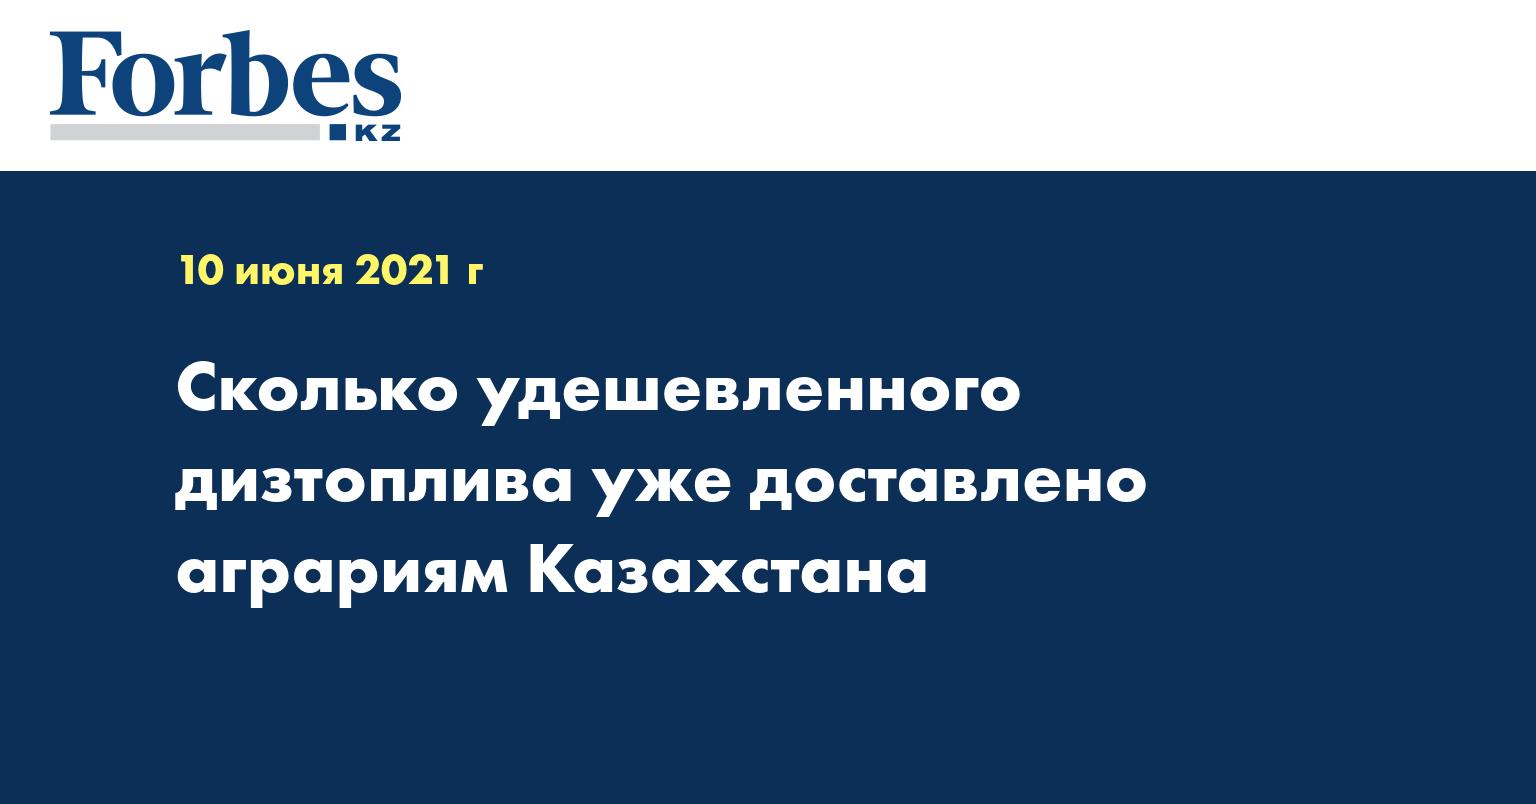 Сколько удешевленного дизтоплива уже доставлено аграриям Казахстана